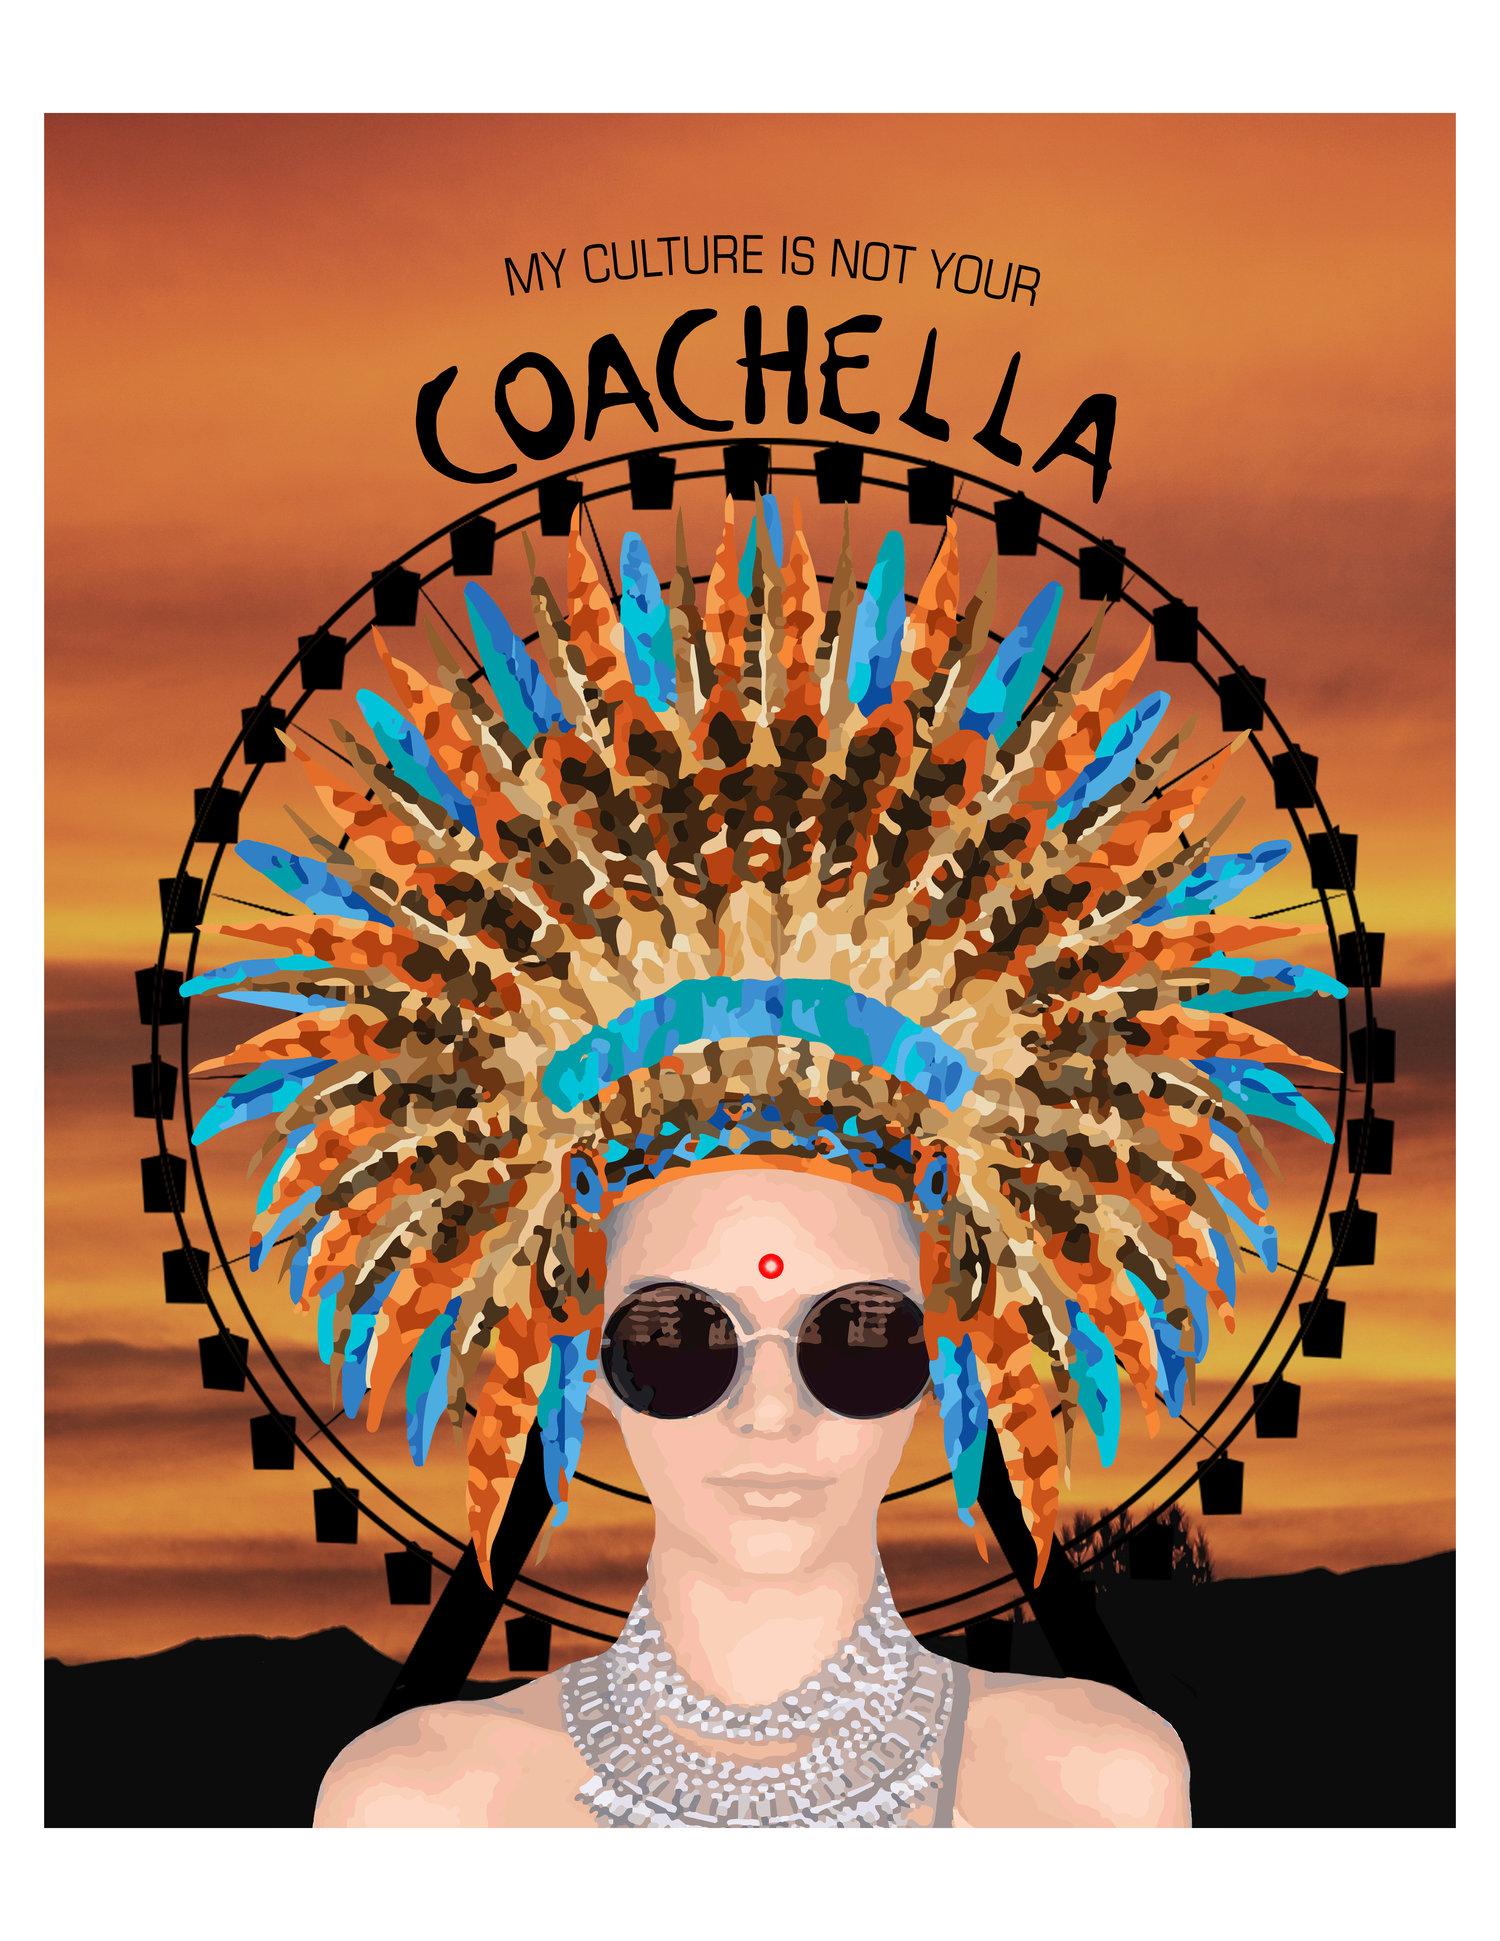 Coachella+.jpg